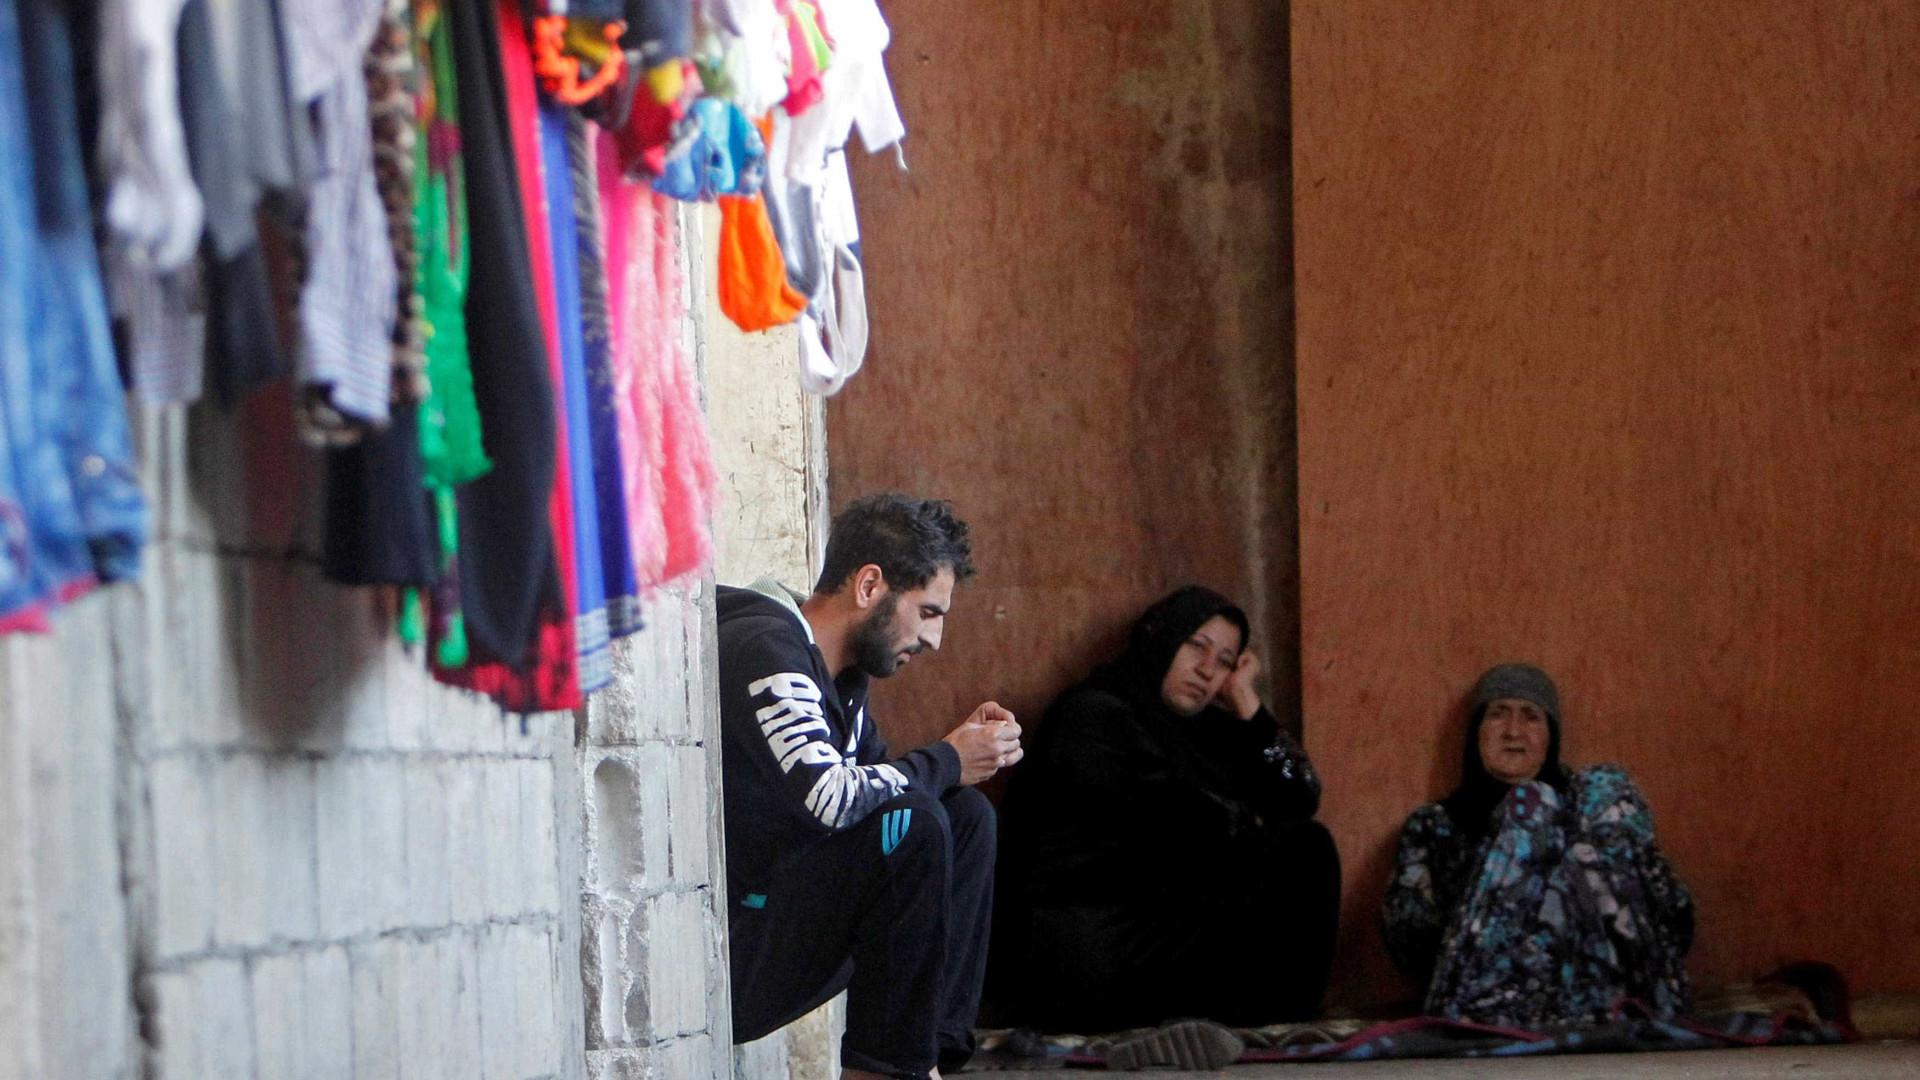 Brasil cancela negociação com Europa  para receber refugiados da Síria